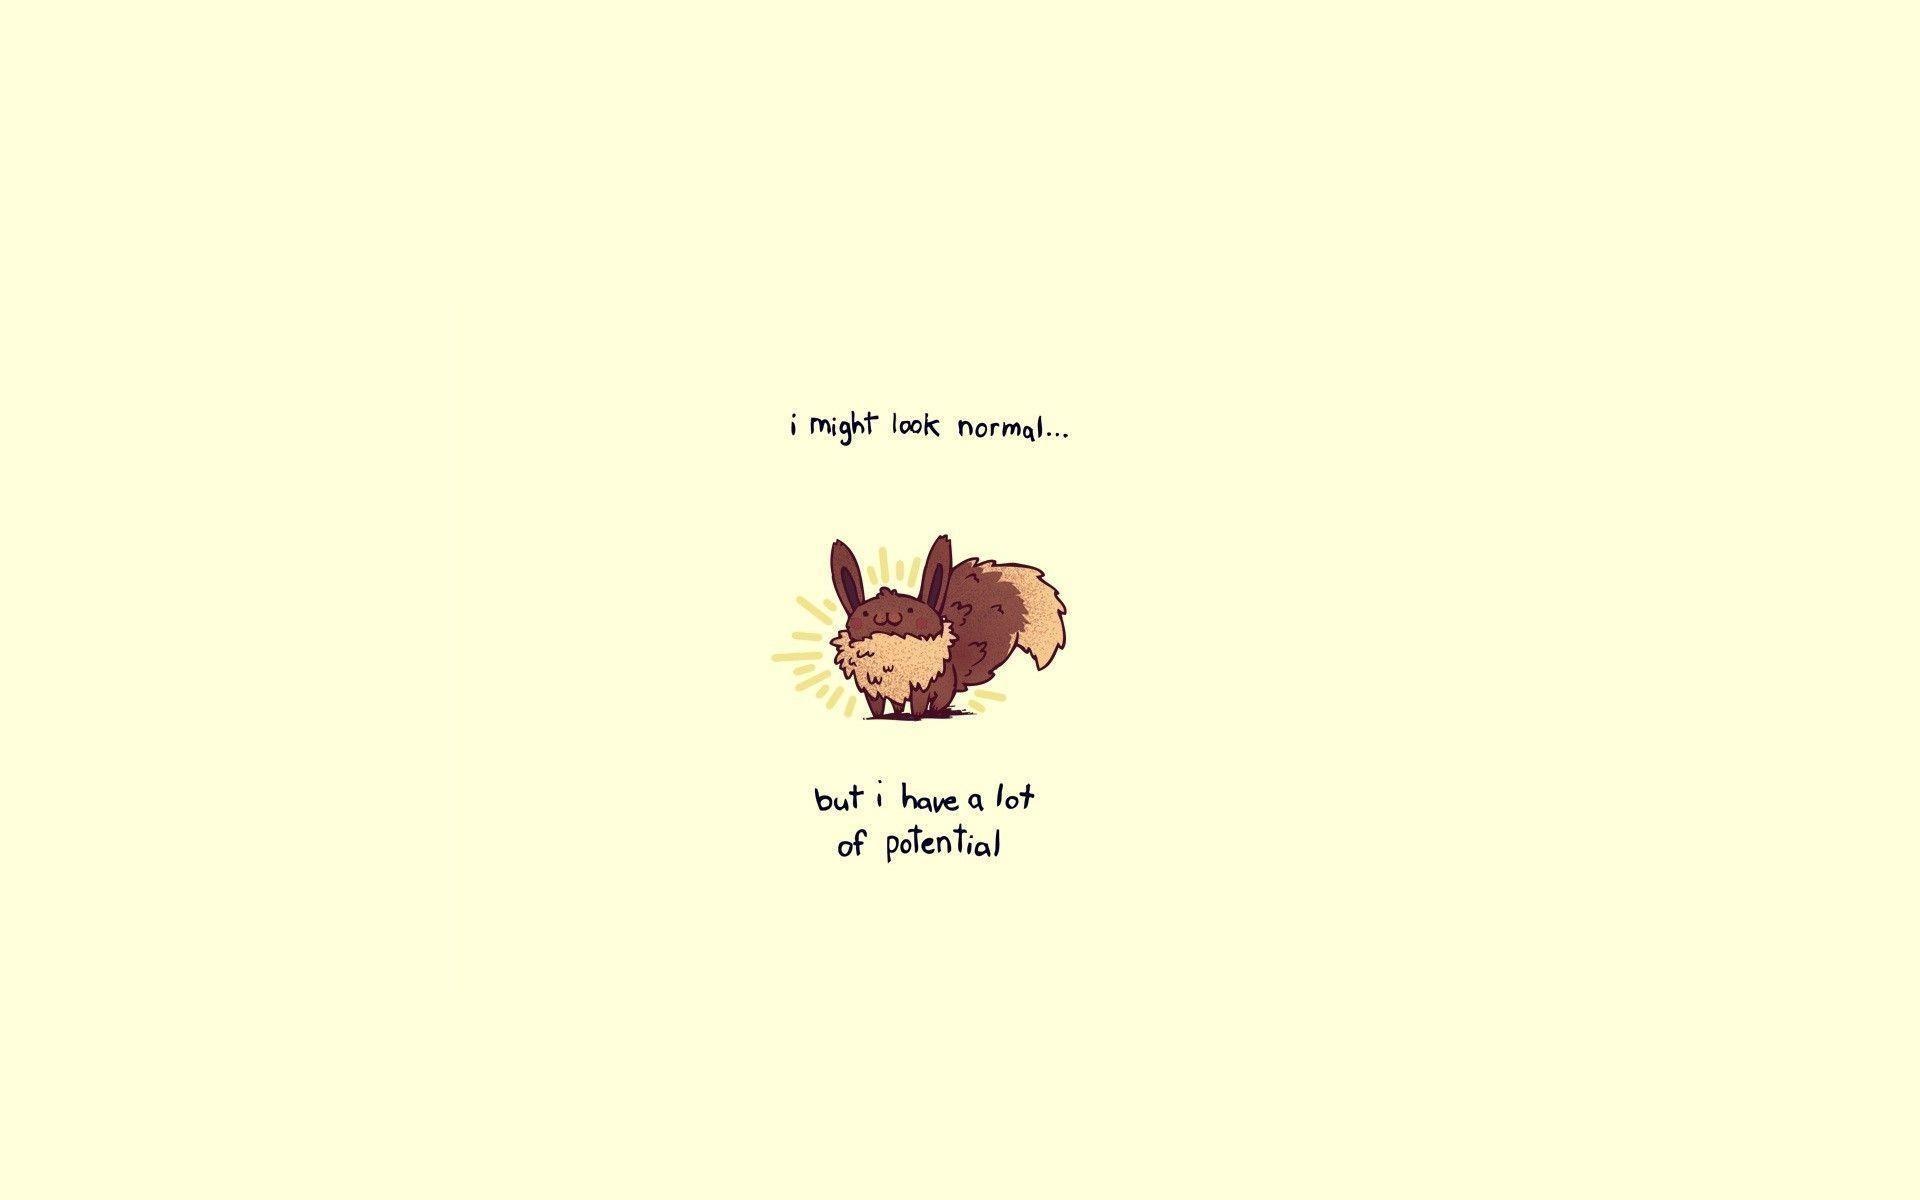 Eevee Pokemon Wallpaper Cute Humor Funny Cartoons Wallpapers